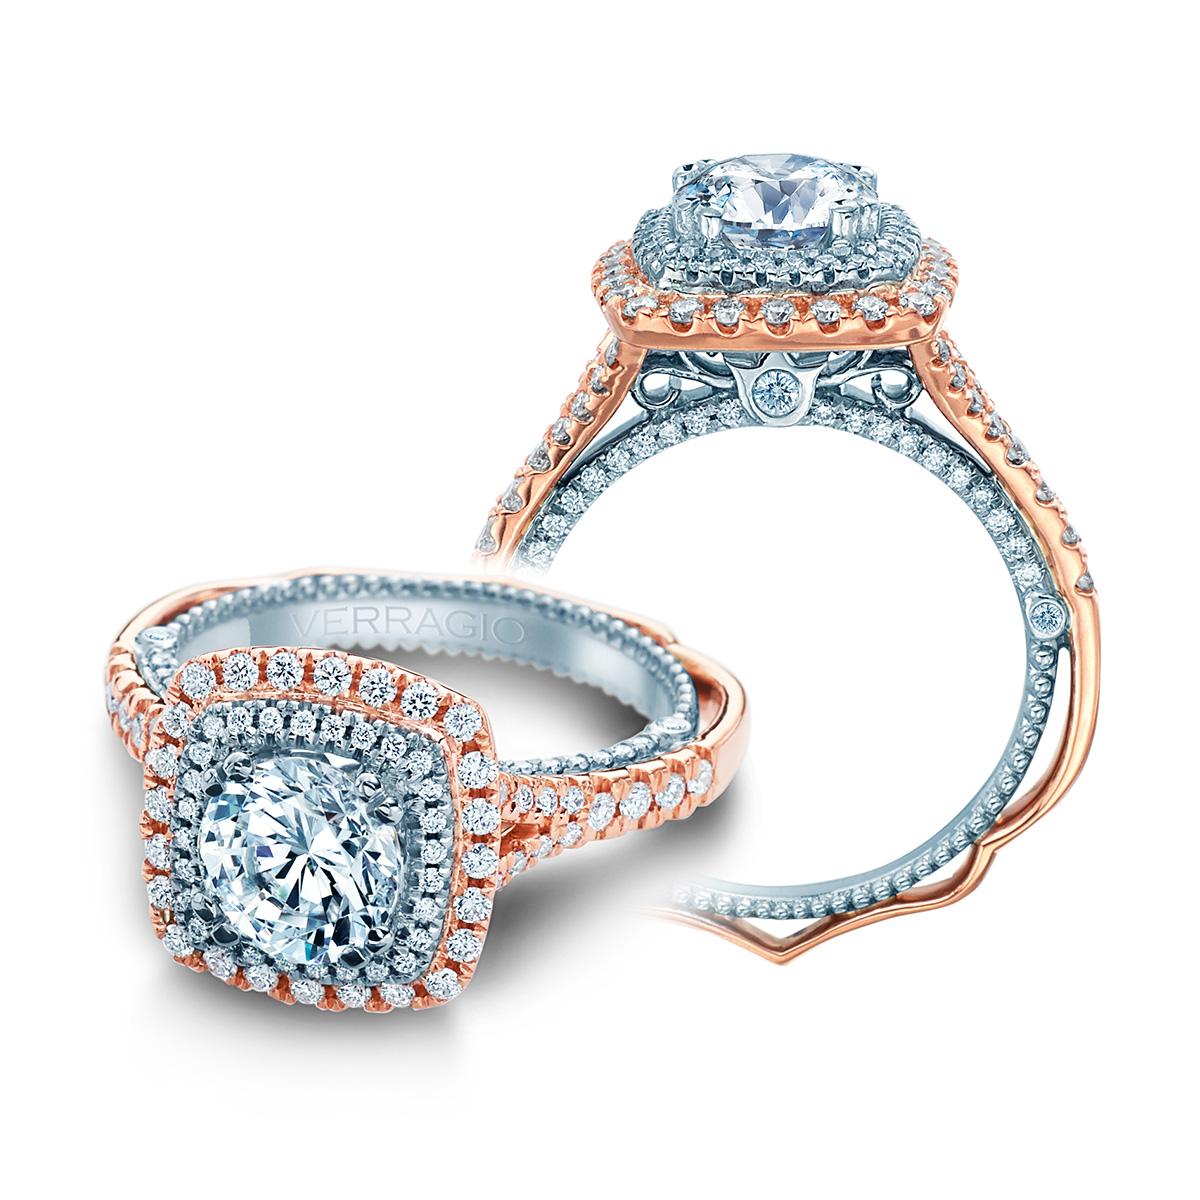 verragio venetian 5065cu 2rw platinum engagement ring tq On verragio wedding sets